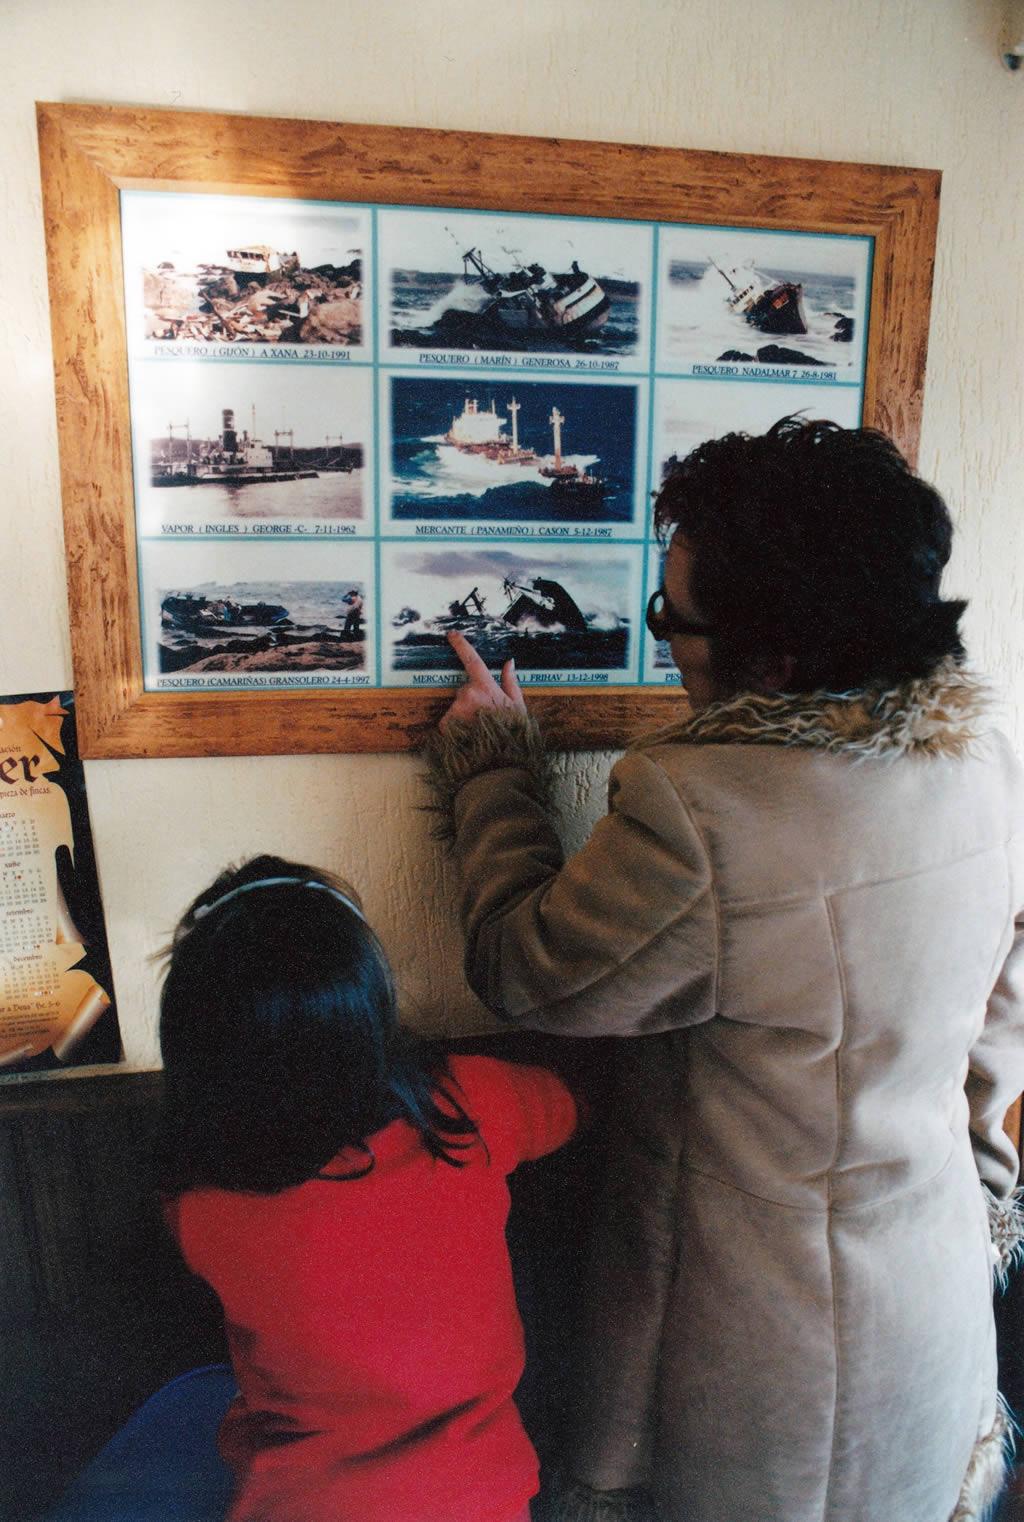 20/12/2002 <br>En un retaurante de Muxia, un cuadro con fotos de los naufragios ocurridos en la zona en los ultimos años: mercante «Casón» (1987), mercante «Frihav» (1998), vapor inglés «George» (1987), pesqueros «A Xaña» (1991) y «Generosa» (1987) <br>Álvaro Ballesteros